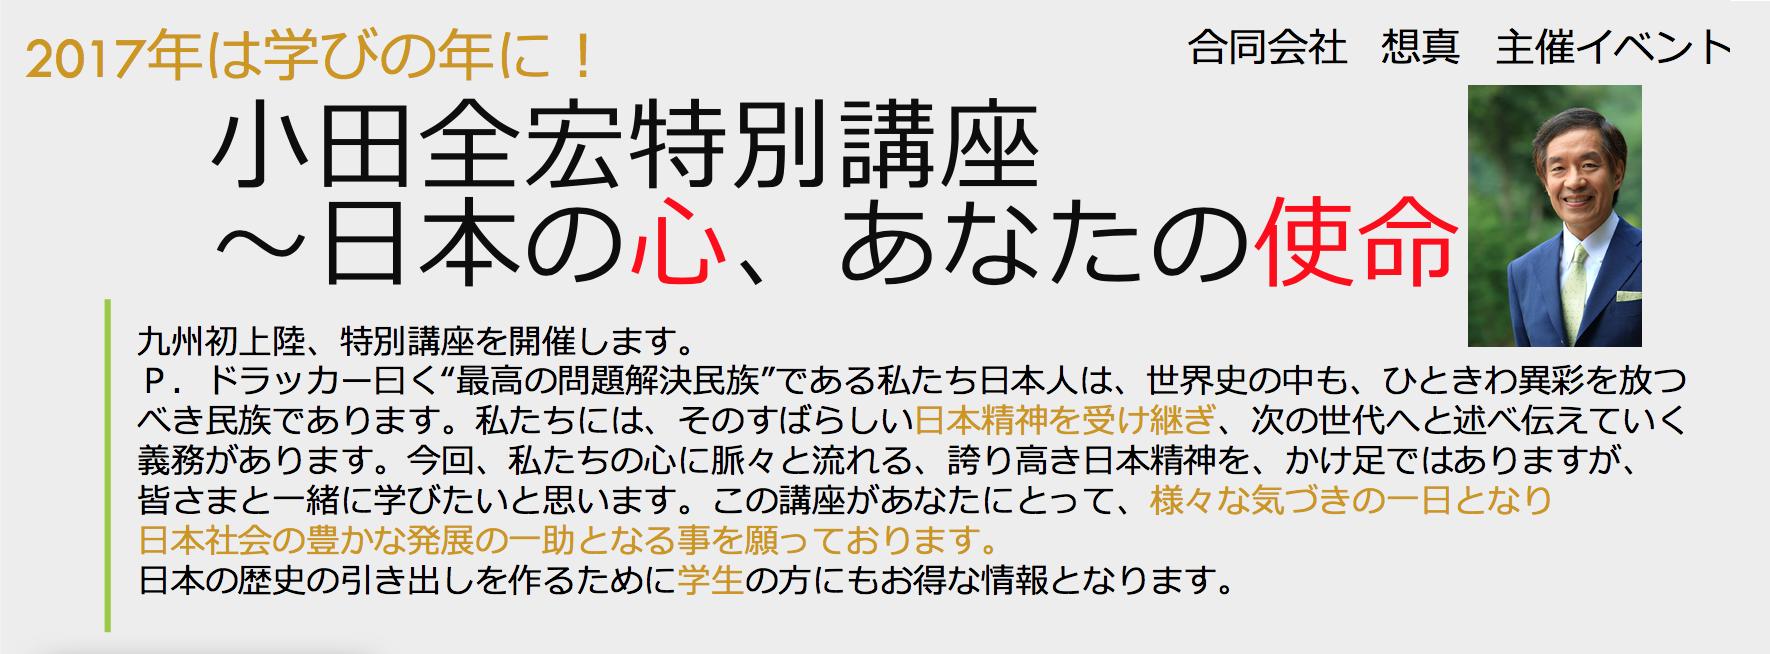 小田全宏 特別講座「日本の心、あなたの使命」in 福岡